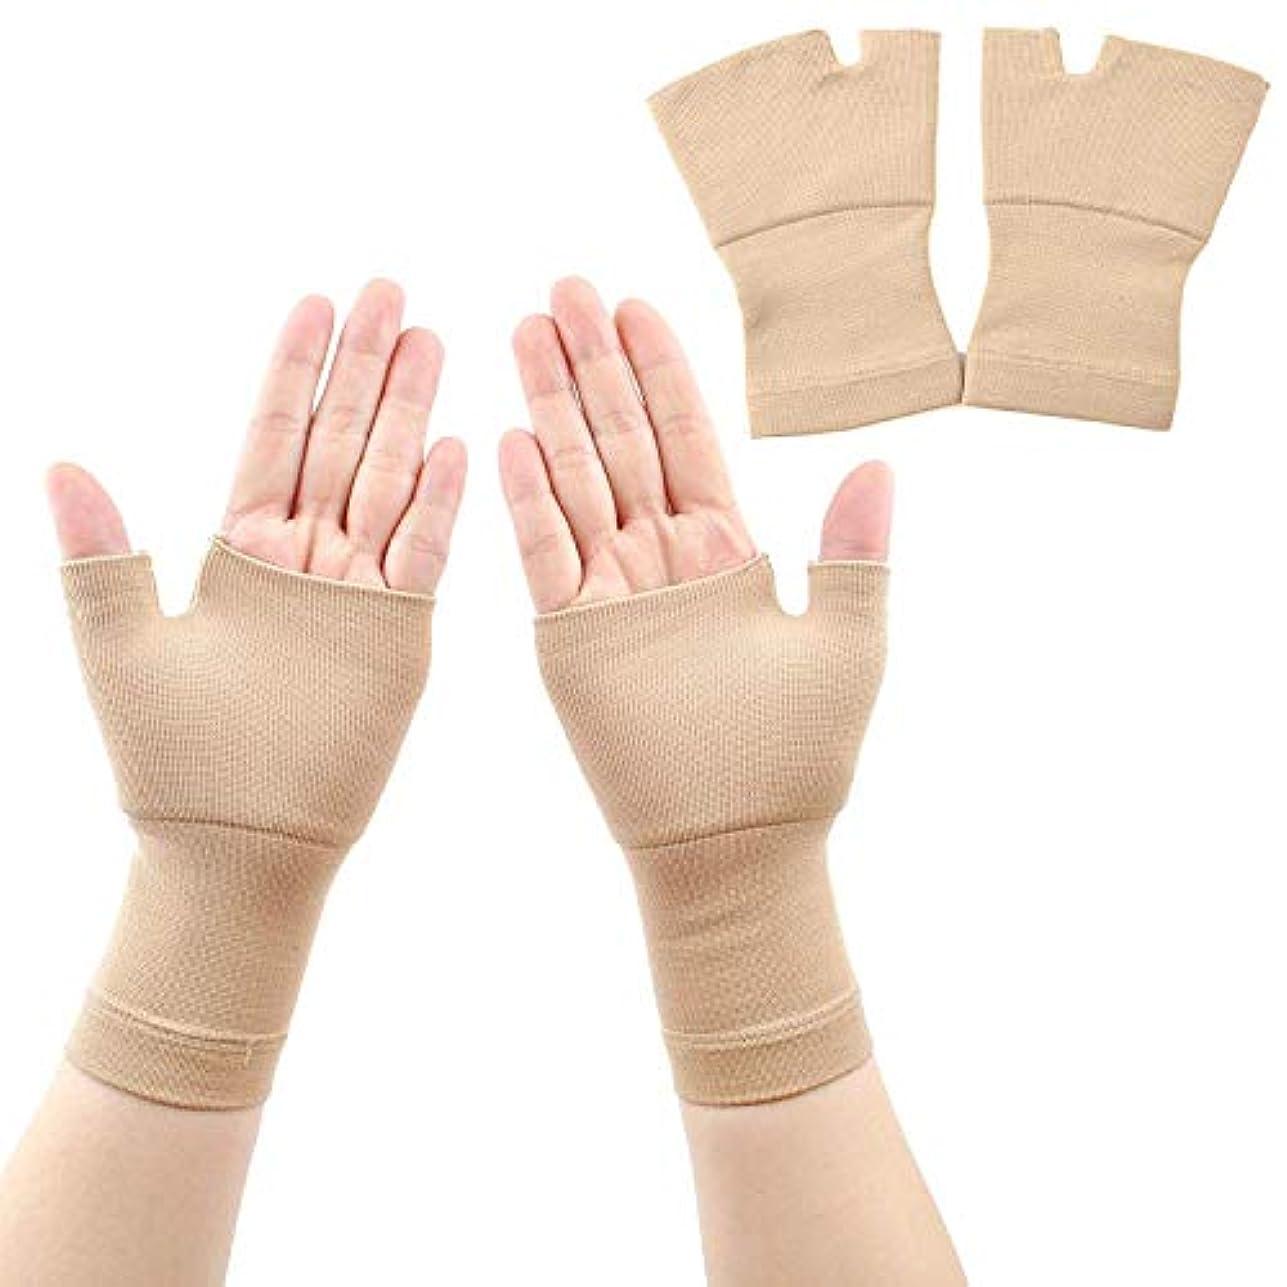 間接的分析的なその後テニスジムスポーツ腱鞘炎のためのスポーツの包帯リストバンドハンドジムのサポート手首ブレース手根管サポート手首の痛みを軽減するリストコンプレッションストラップ,Flesh,S